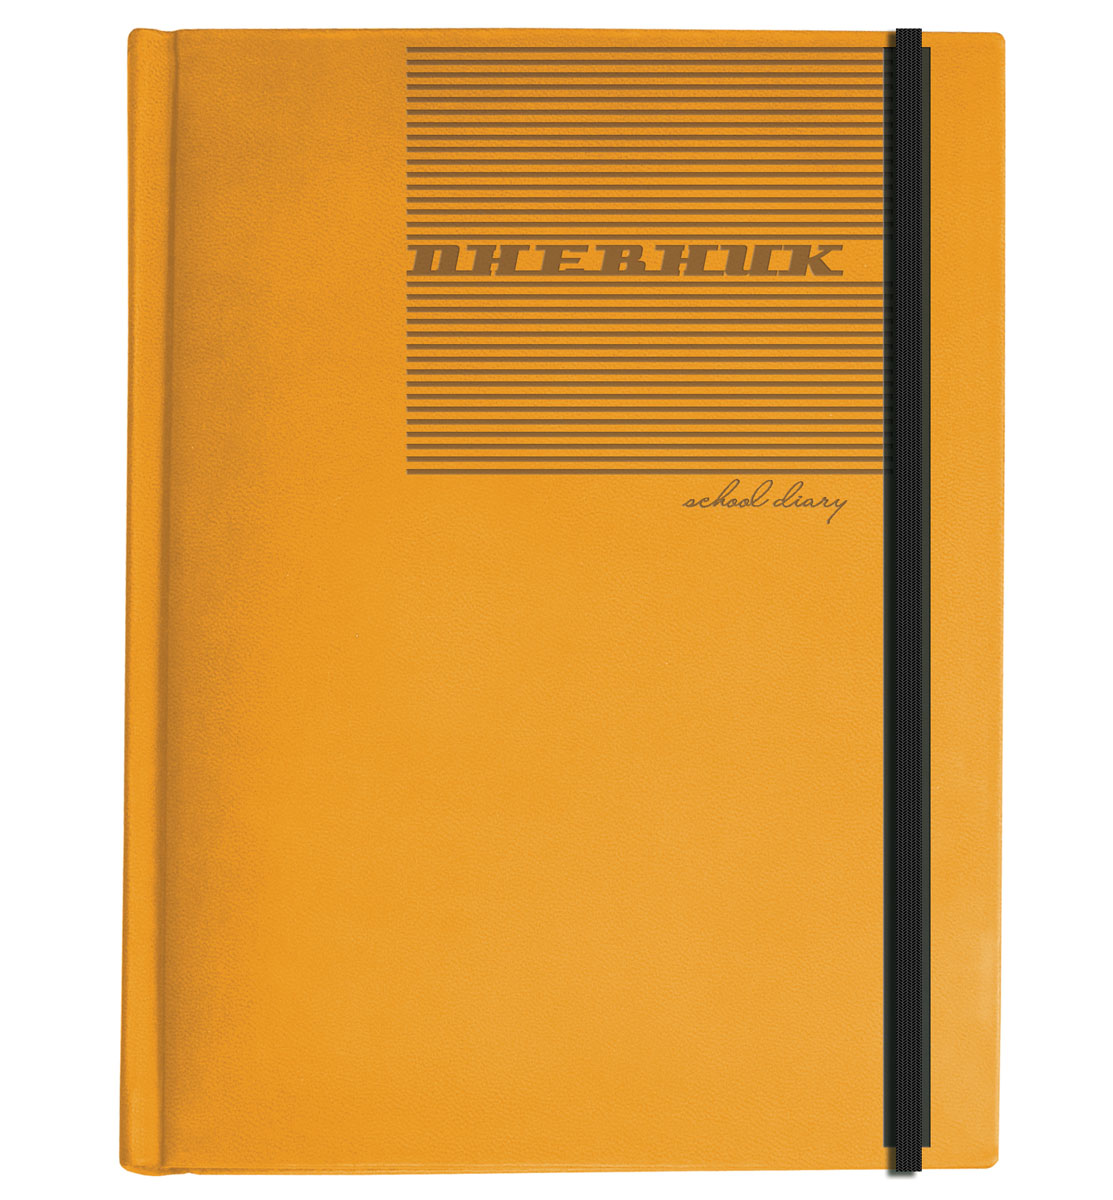 Альт Дневник школьный Megapolis Velvet цвет оранжевый10-071/07В премиум-сегменте дневников Альт одни из бессменных хитов - модели Megapolis Velvet. Твердый переплет 17 см х 22 см сделан из итальянских переплетных материалов с прорезиненной фактурой. Графические элементы нанесены методом вдавленного термотиснения. В один цвет с обложкой окрашен тонированный обрез. На первом форзаце обложки находится поле для личных данных ученика. Дневник толщиной 96 листов отвечает всем требованиям системы образования. Тонированные в бежевый цвет страницы имеют плотность не менее 60 грамм. Простоту навигации обеспечивает шелковая закладка-ляссе. В закрытом виде дневник удерживает эластичная черная резинка. На внутреннем развороте находится удобный конверт для записок и других мелочей.